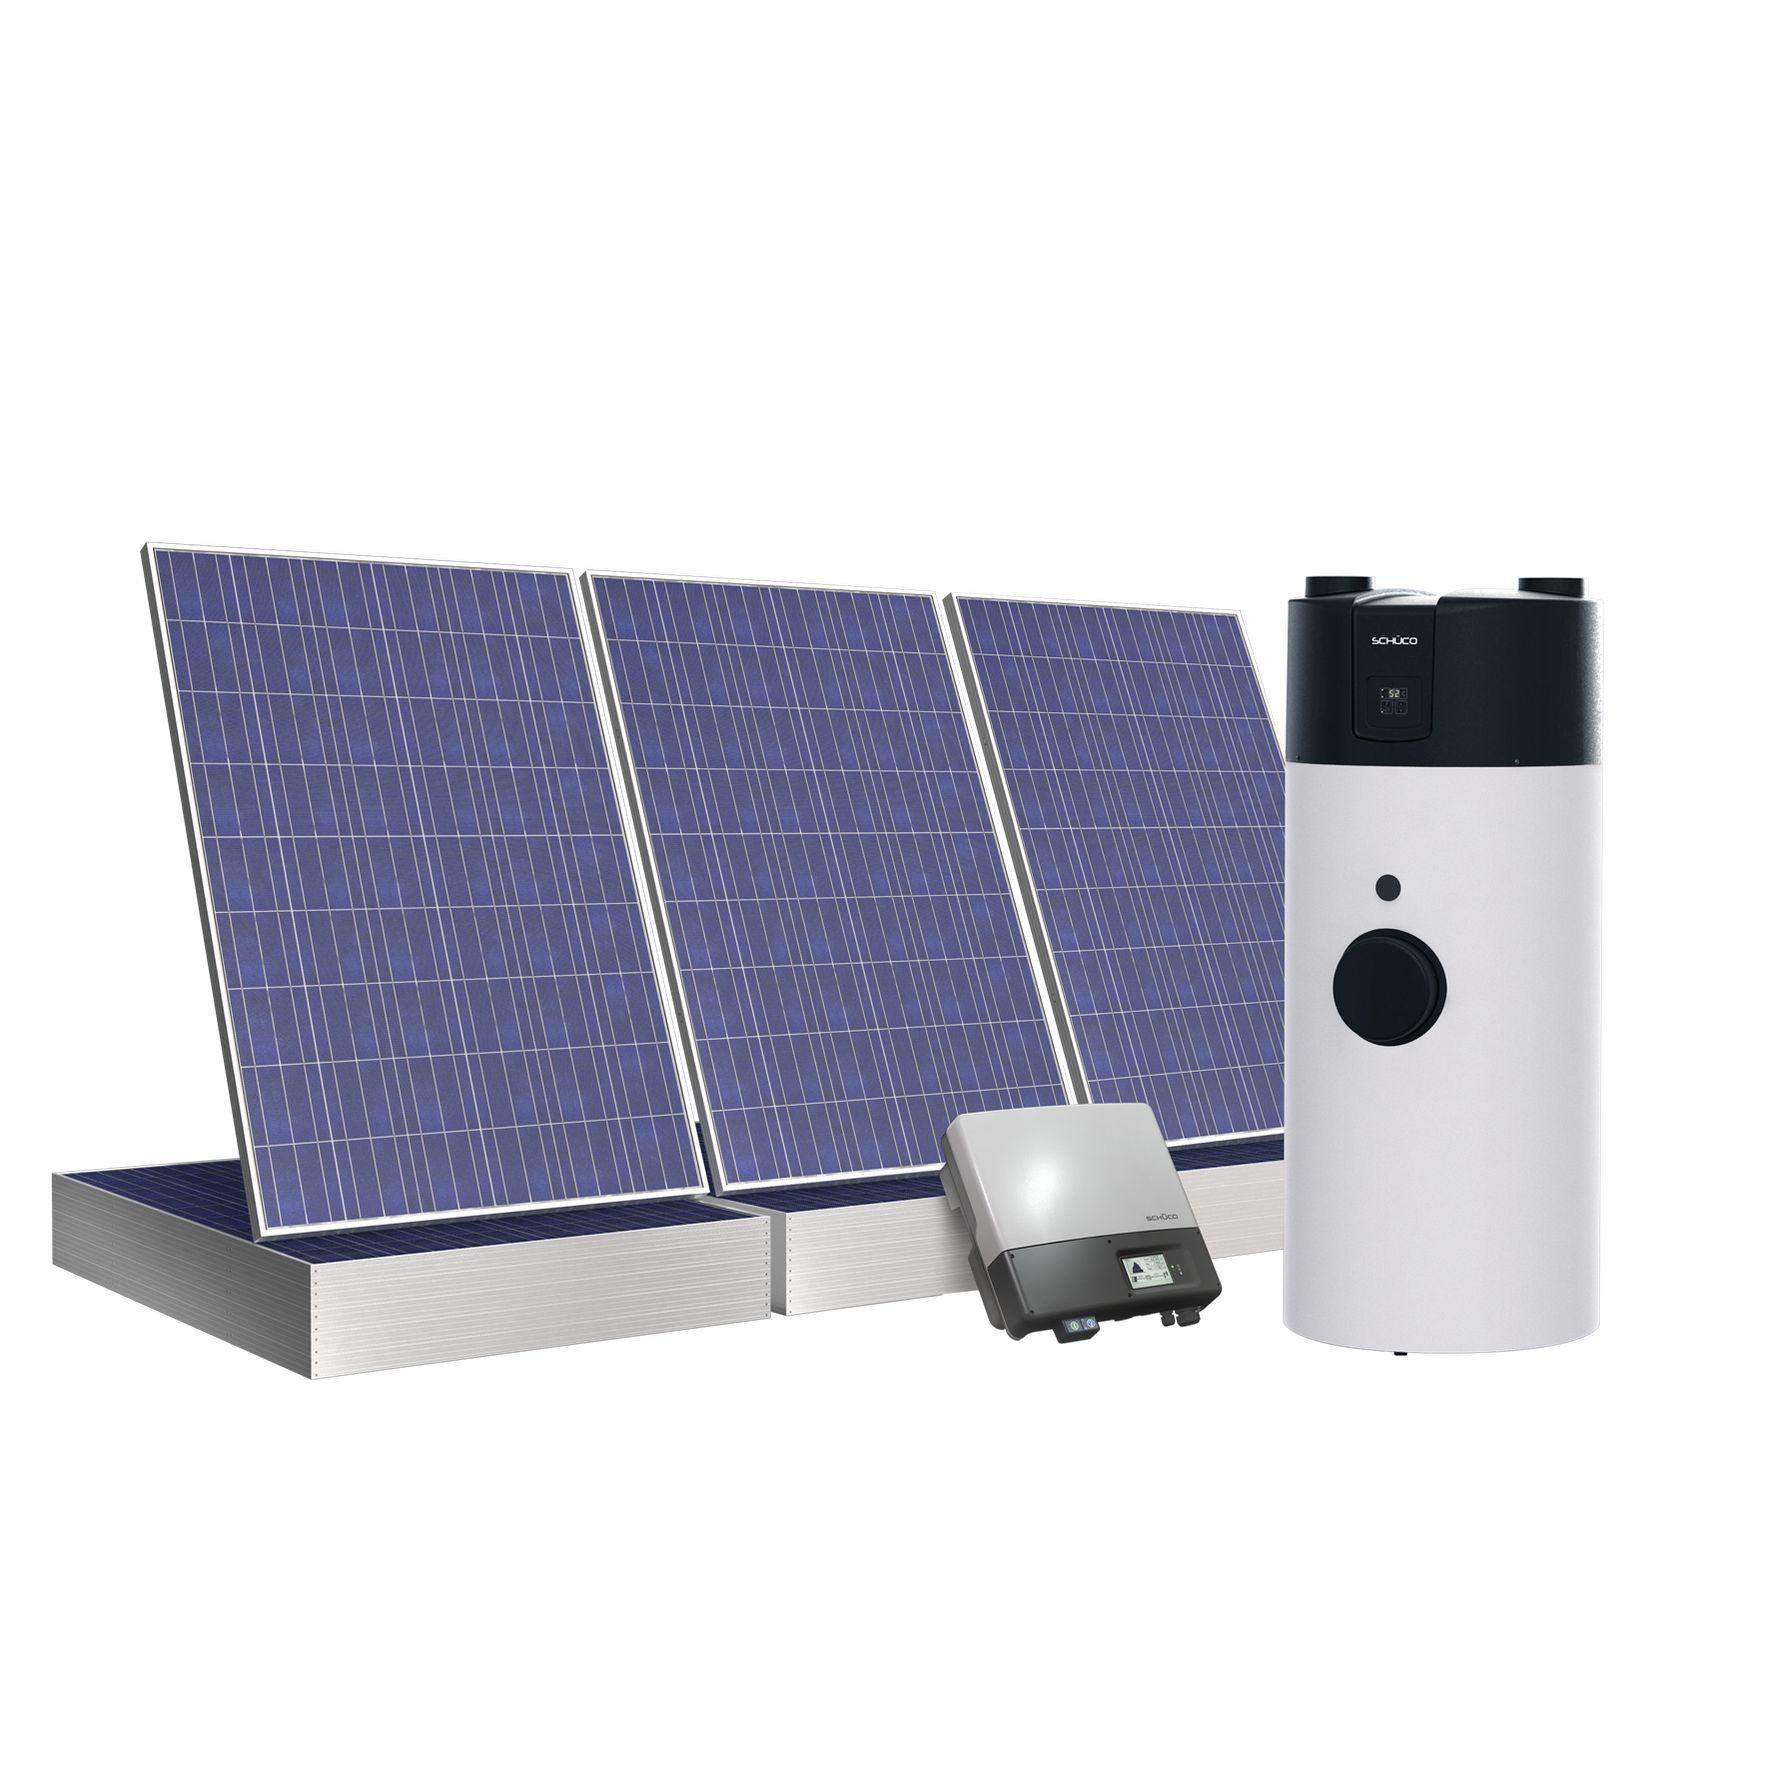 Sistema Schüco che integra pompa di calore e impianto fotovoltaico ...